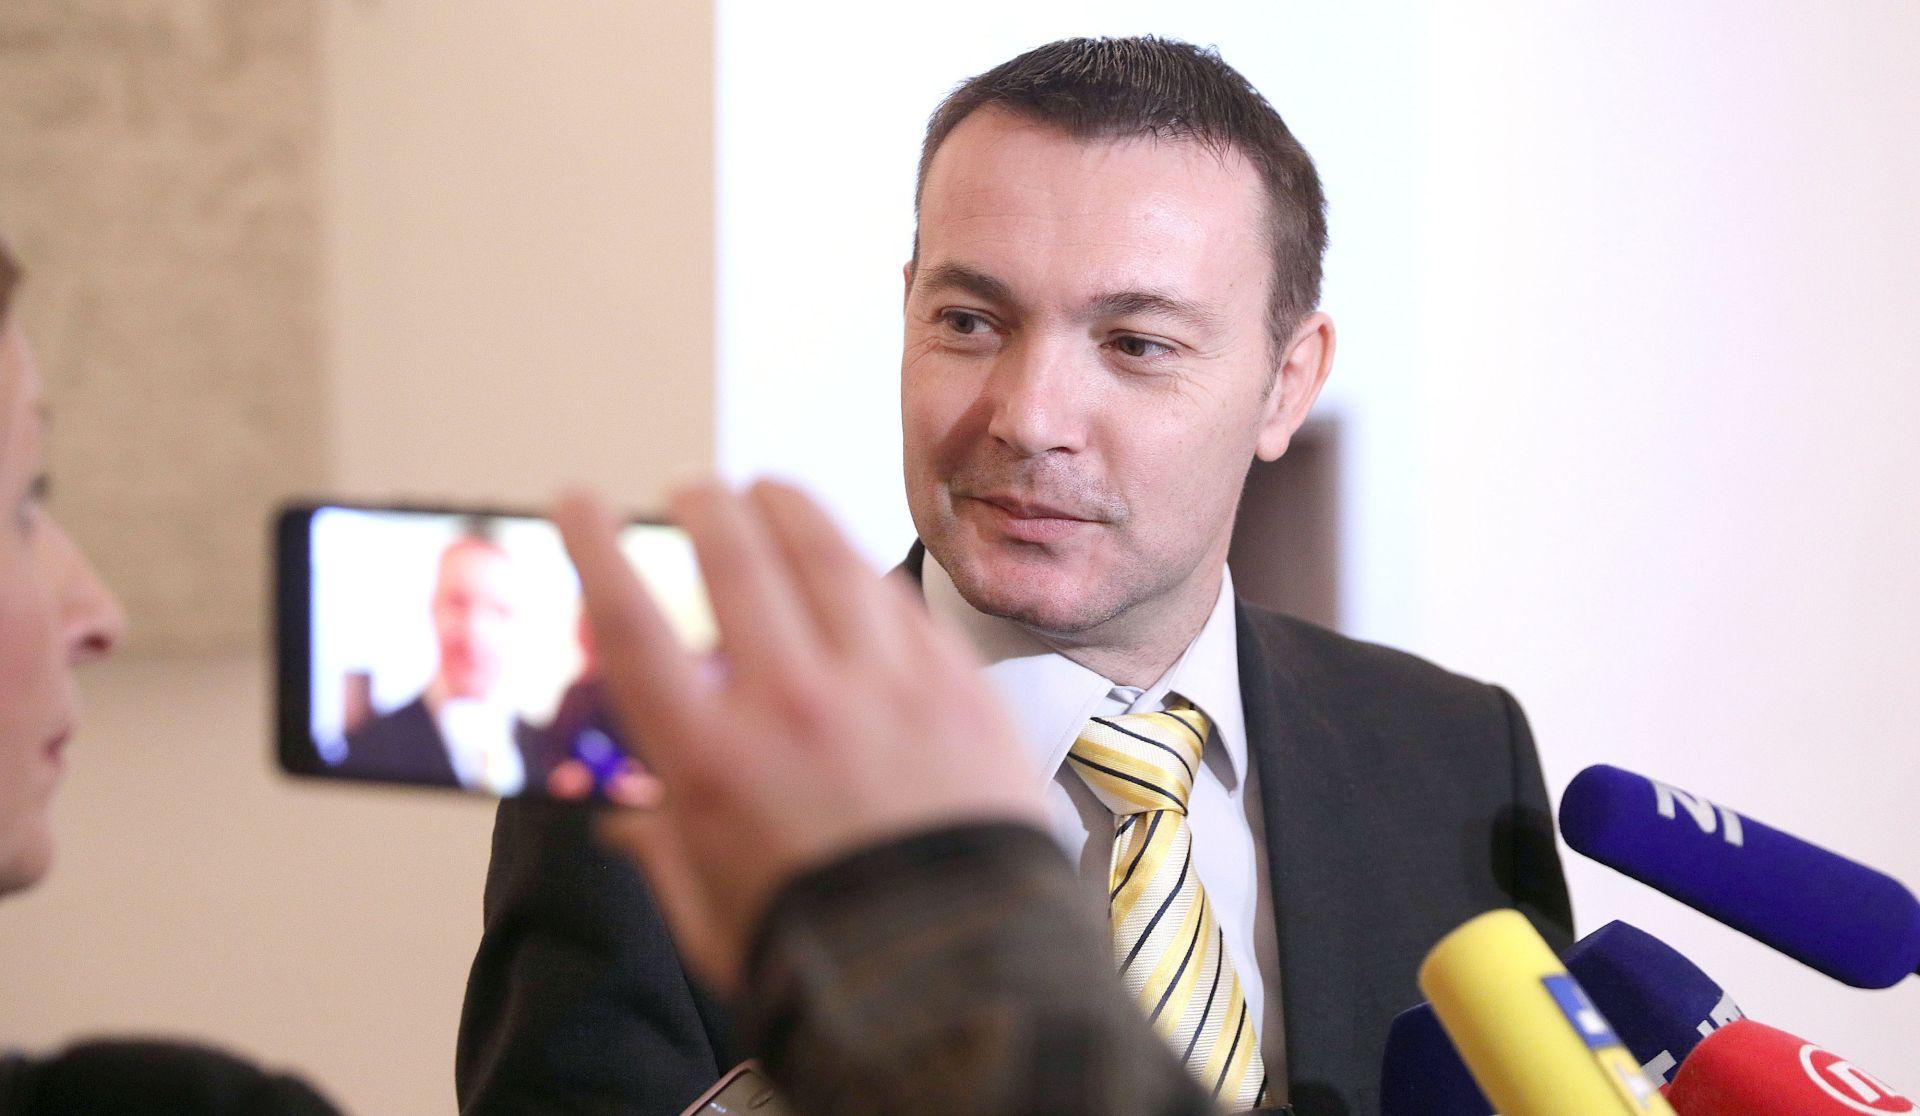 OTVORENO Rasprava oko pobačaja, Bauk branio HDZ